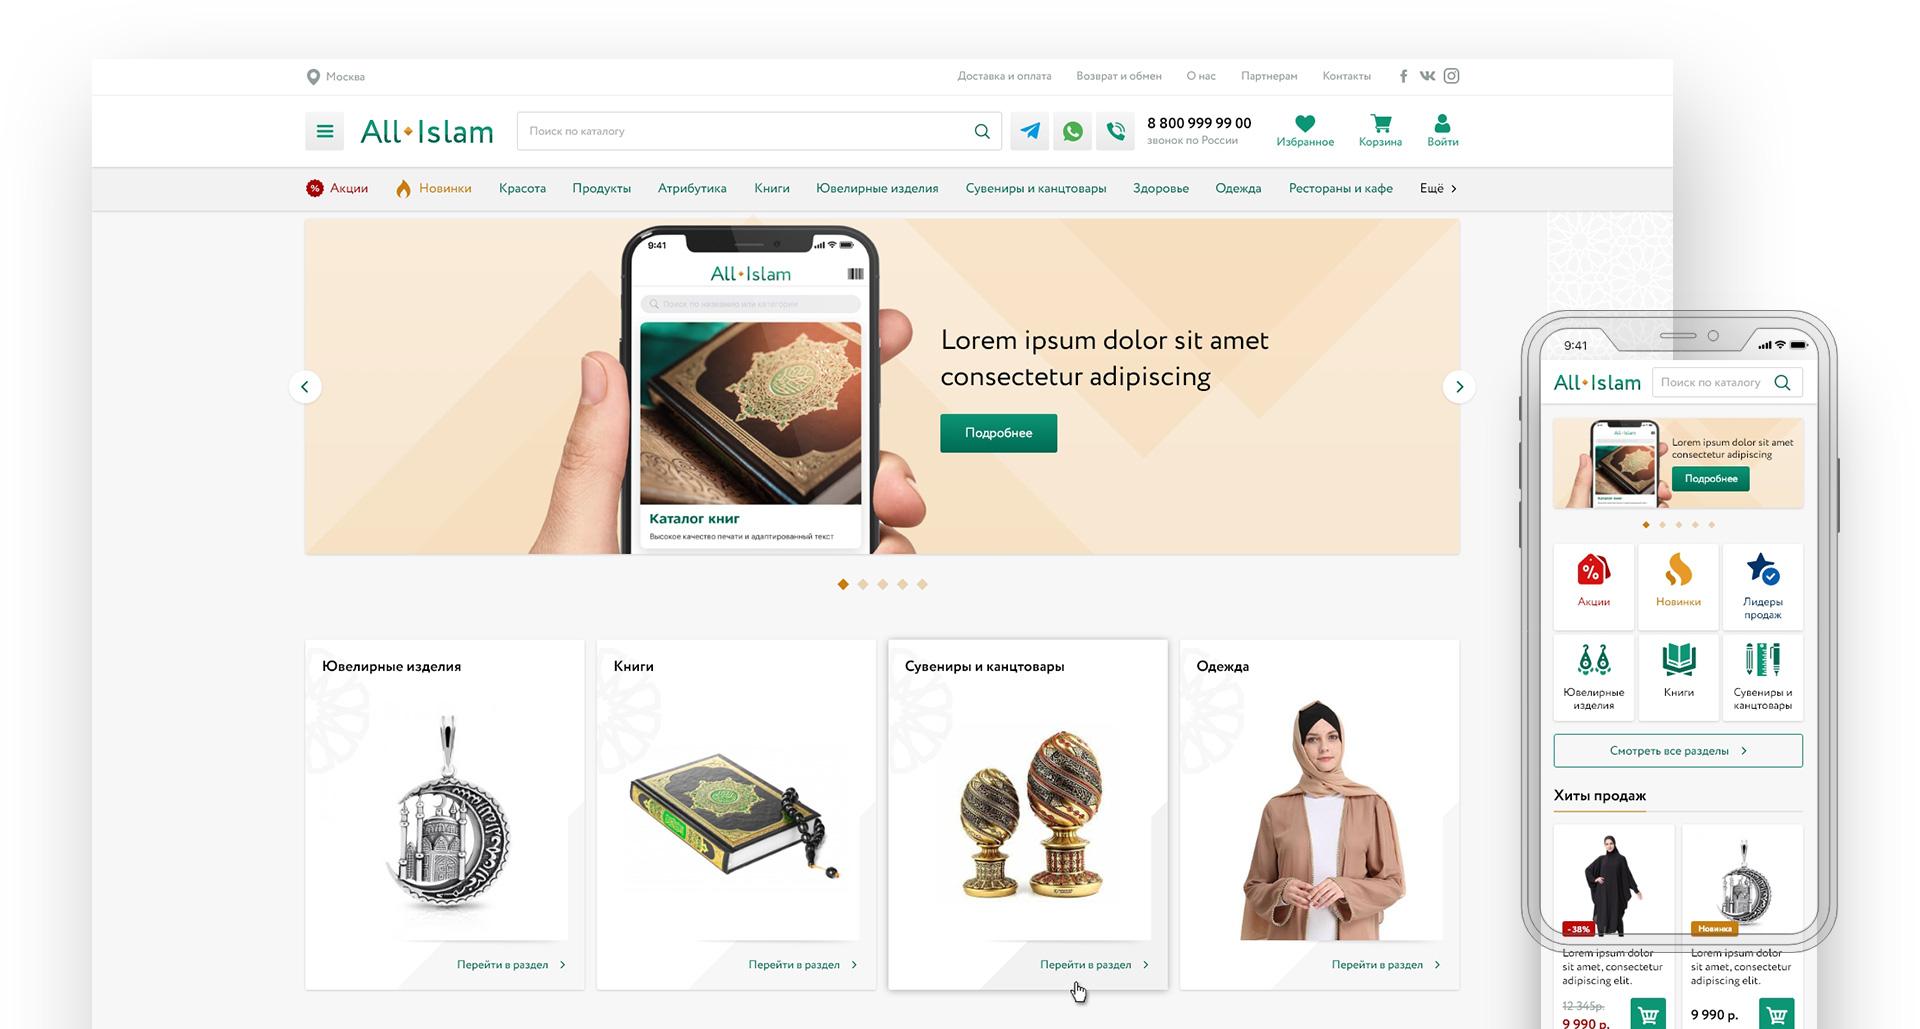 Дизайн интернет-магазина ALLIslam